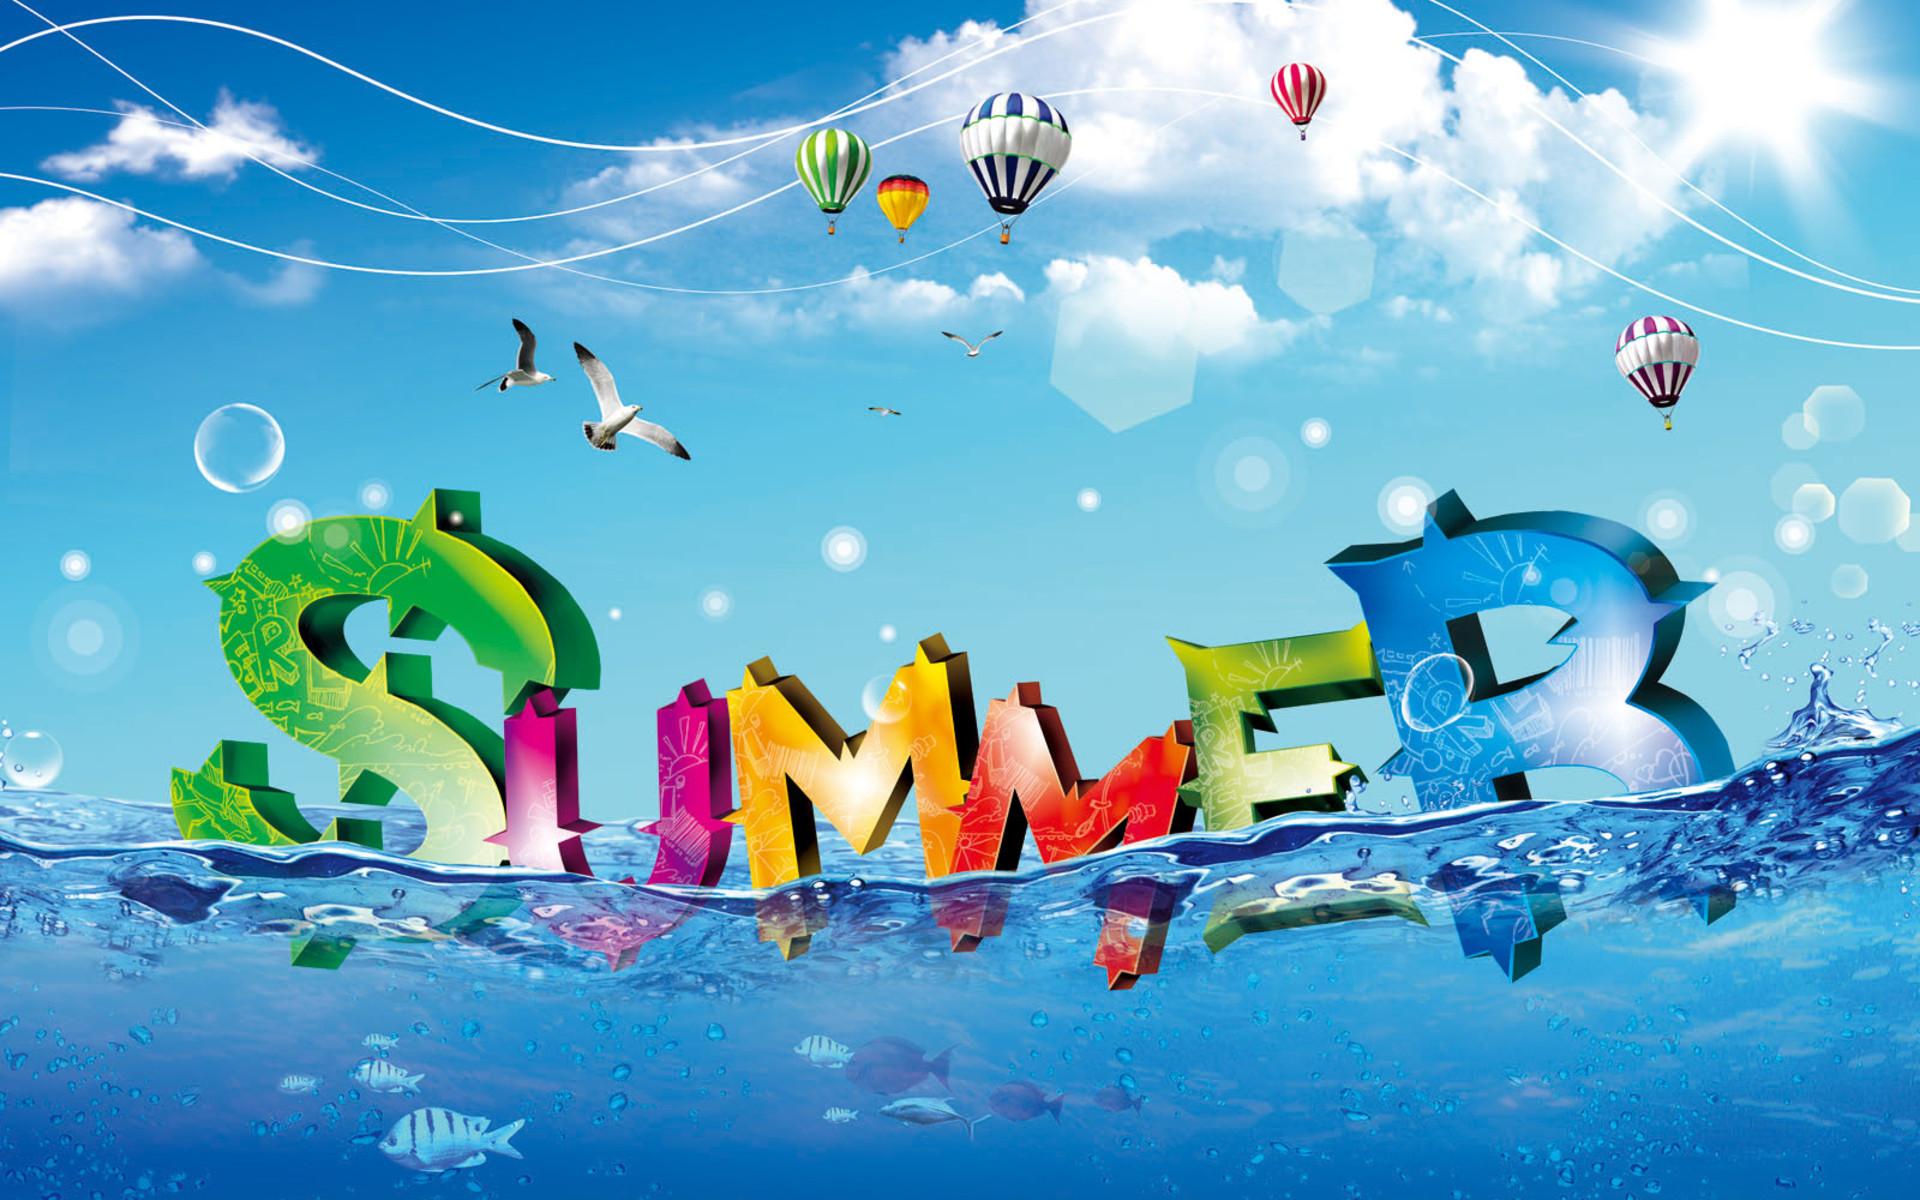 summertime wallpaper screensavers - wallpapersafari